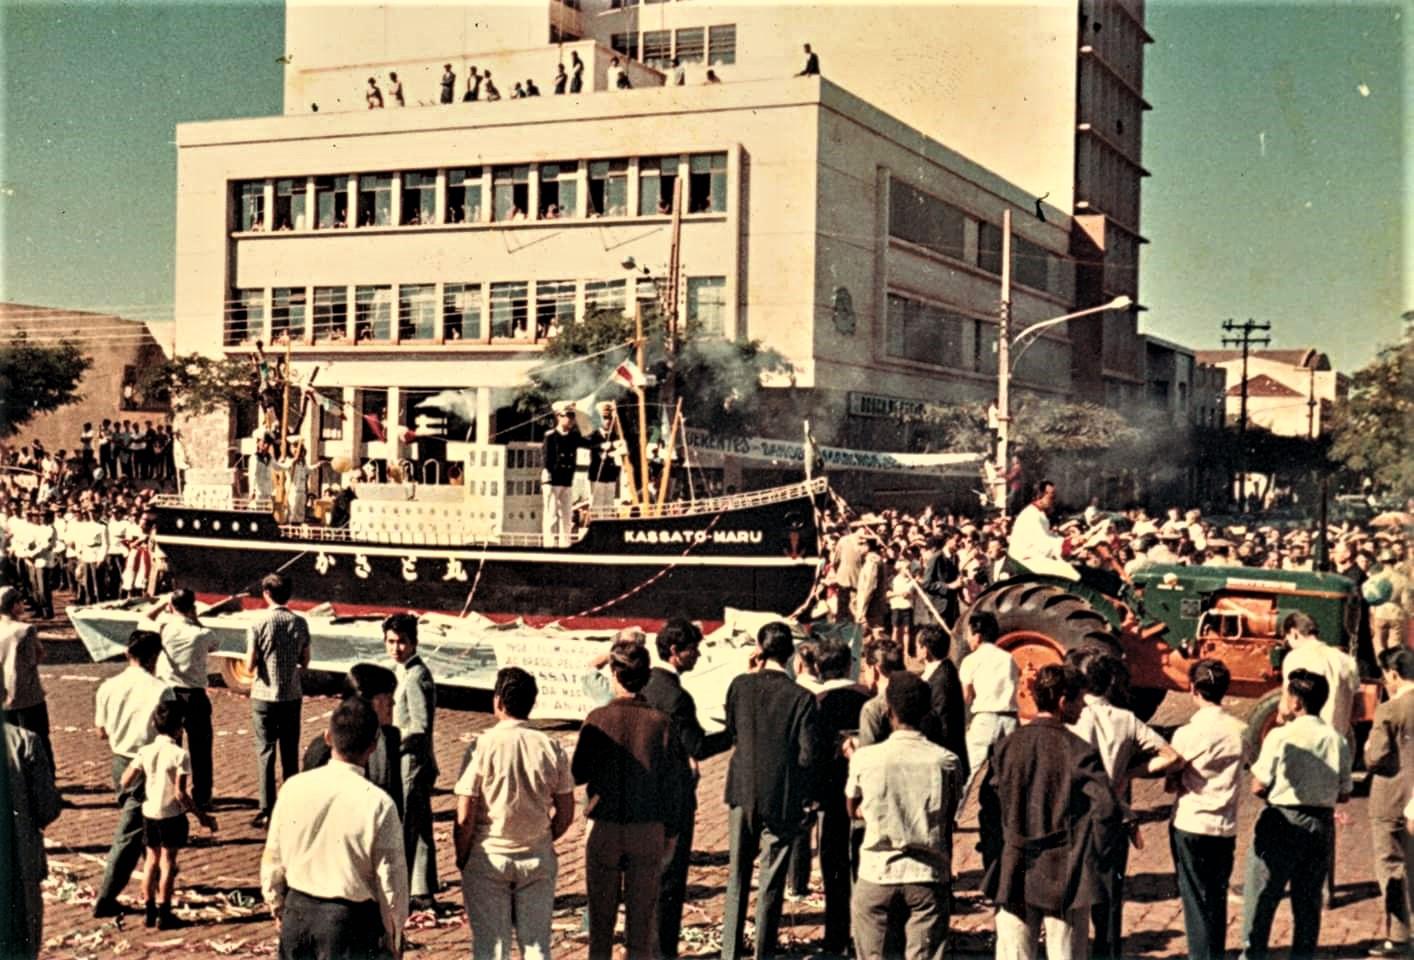 Desfile do aniversário de Maringá - Década de 1960